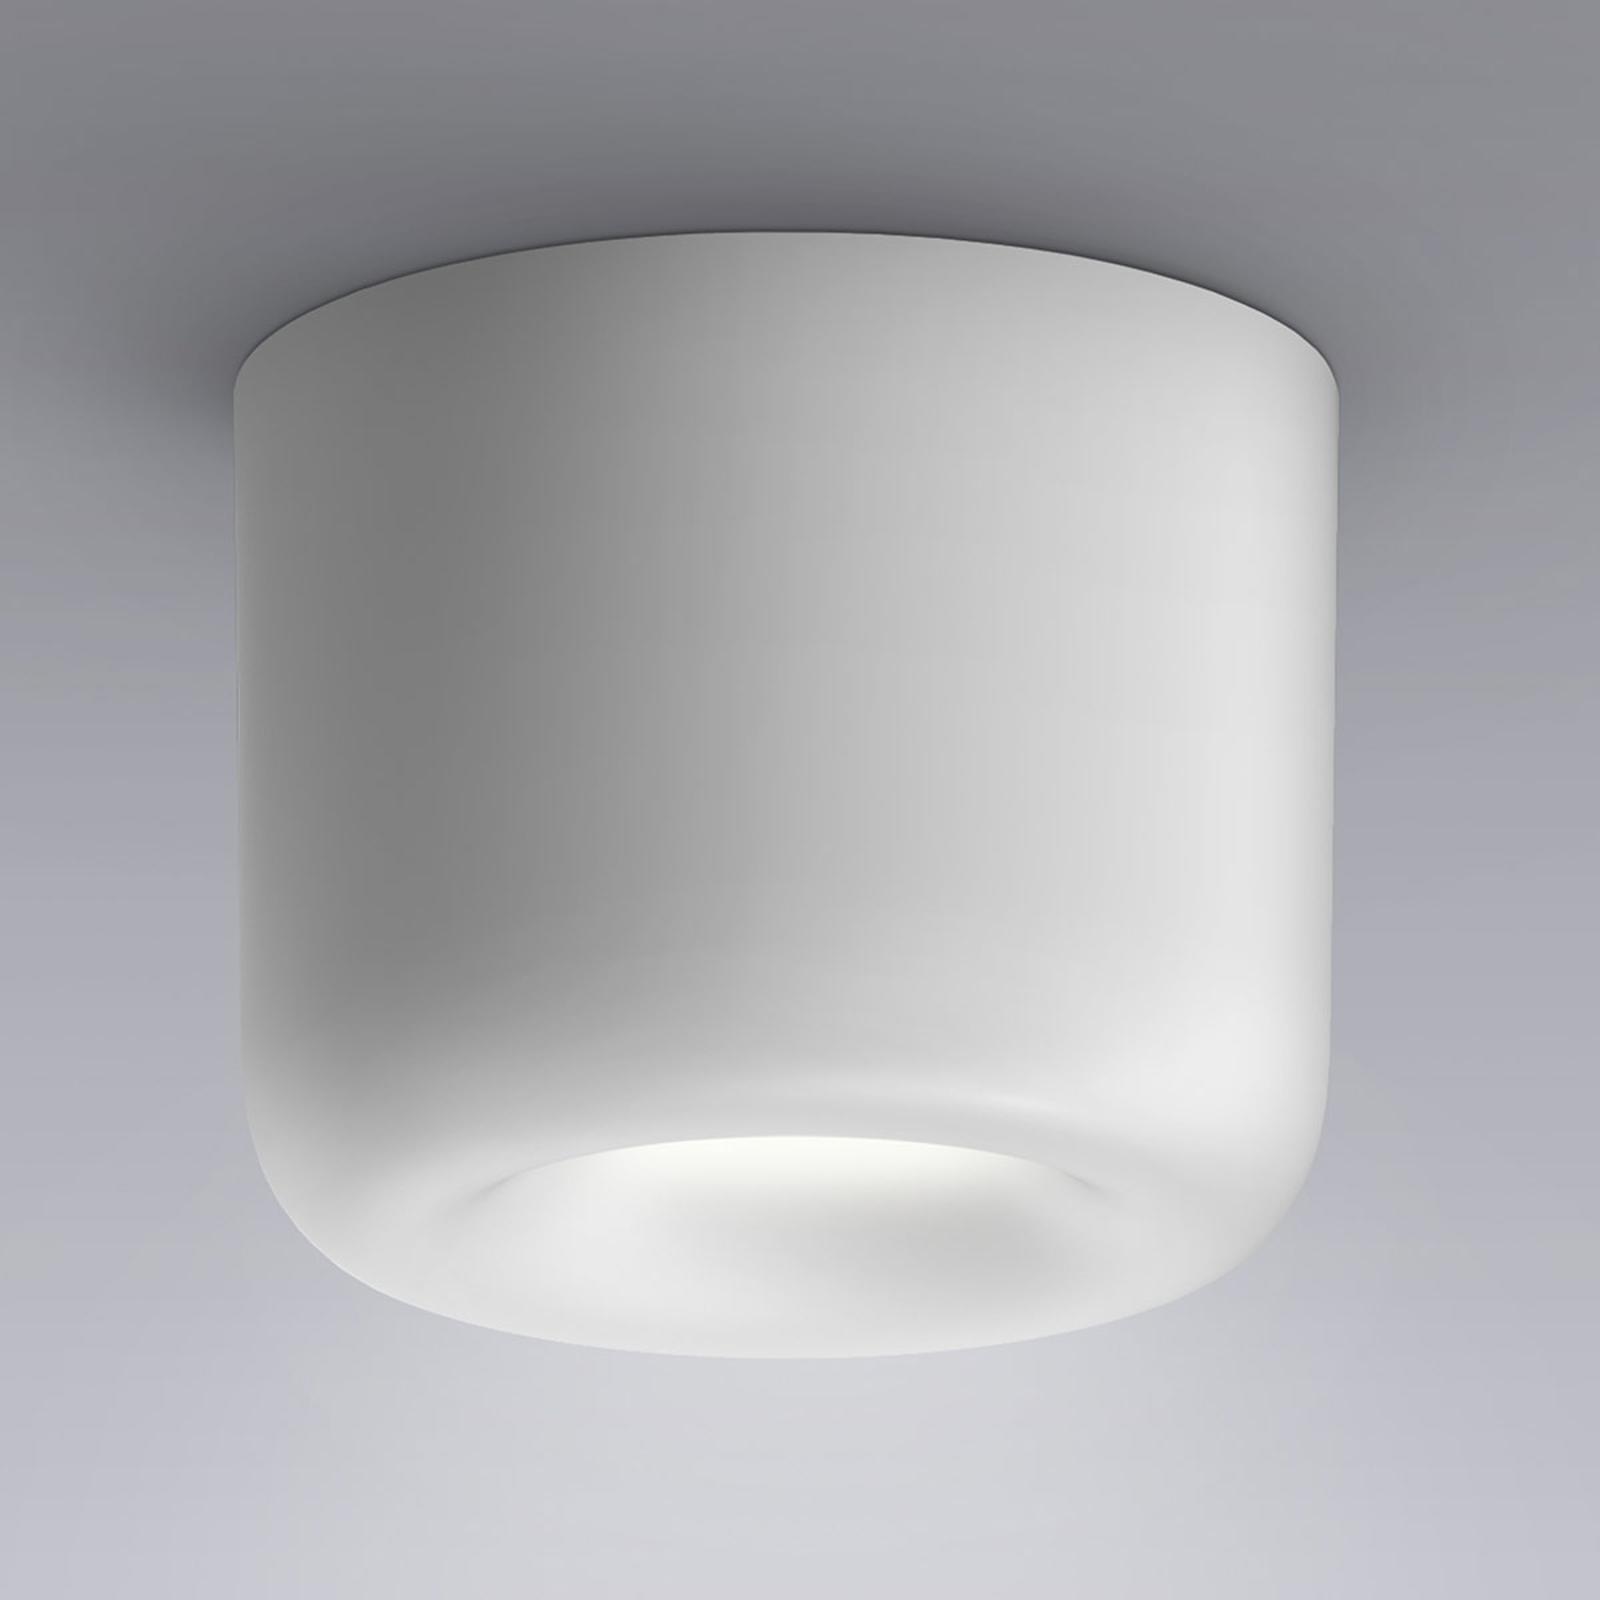 serien.lighting Cavity Ceiling S, hvit